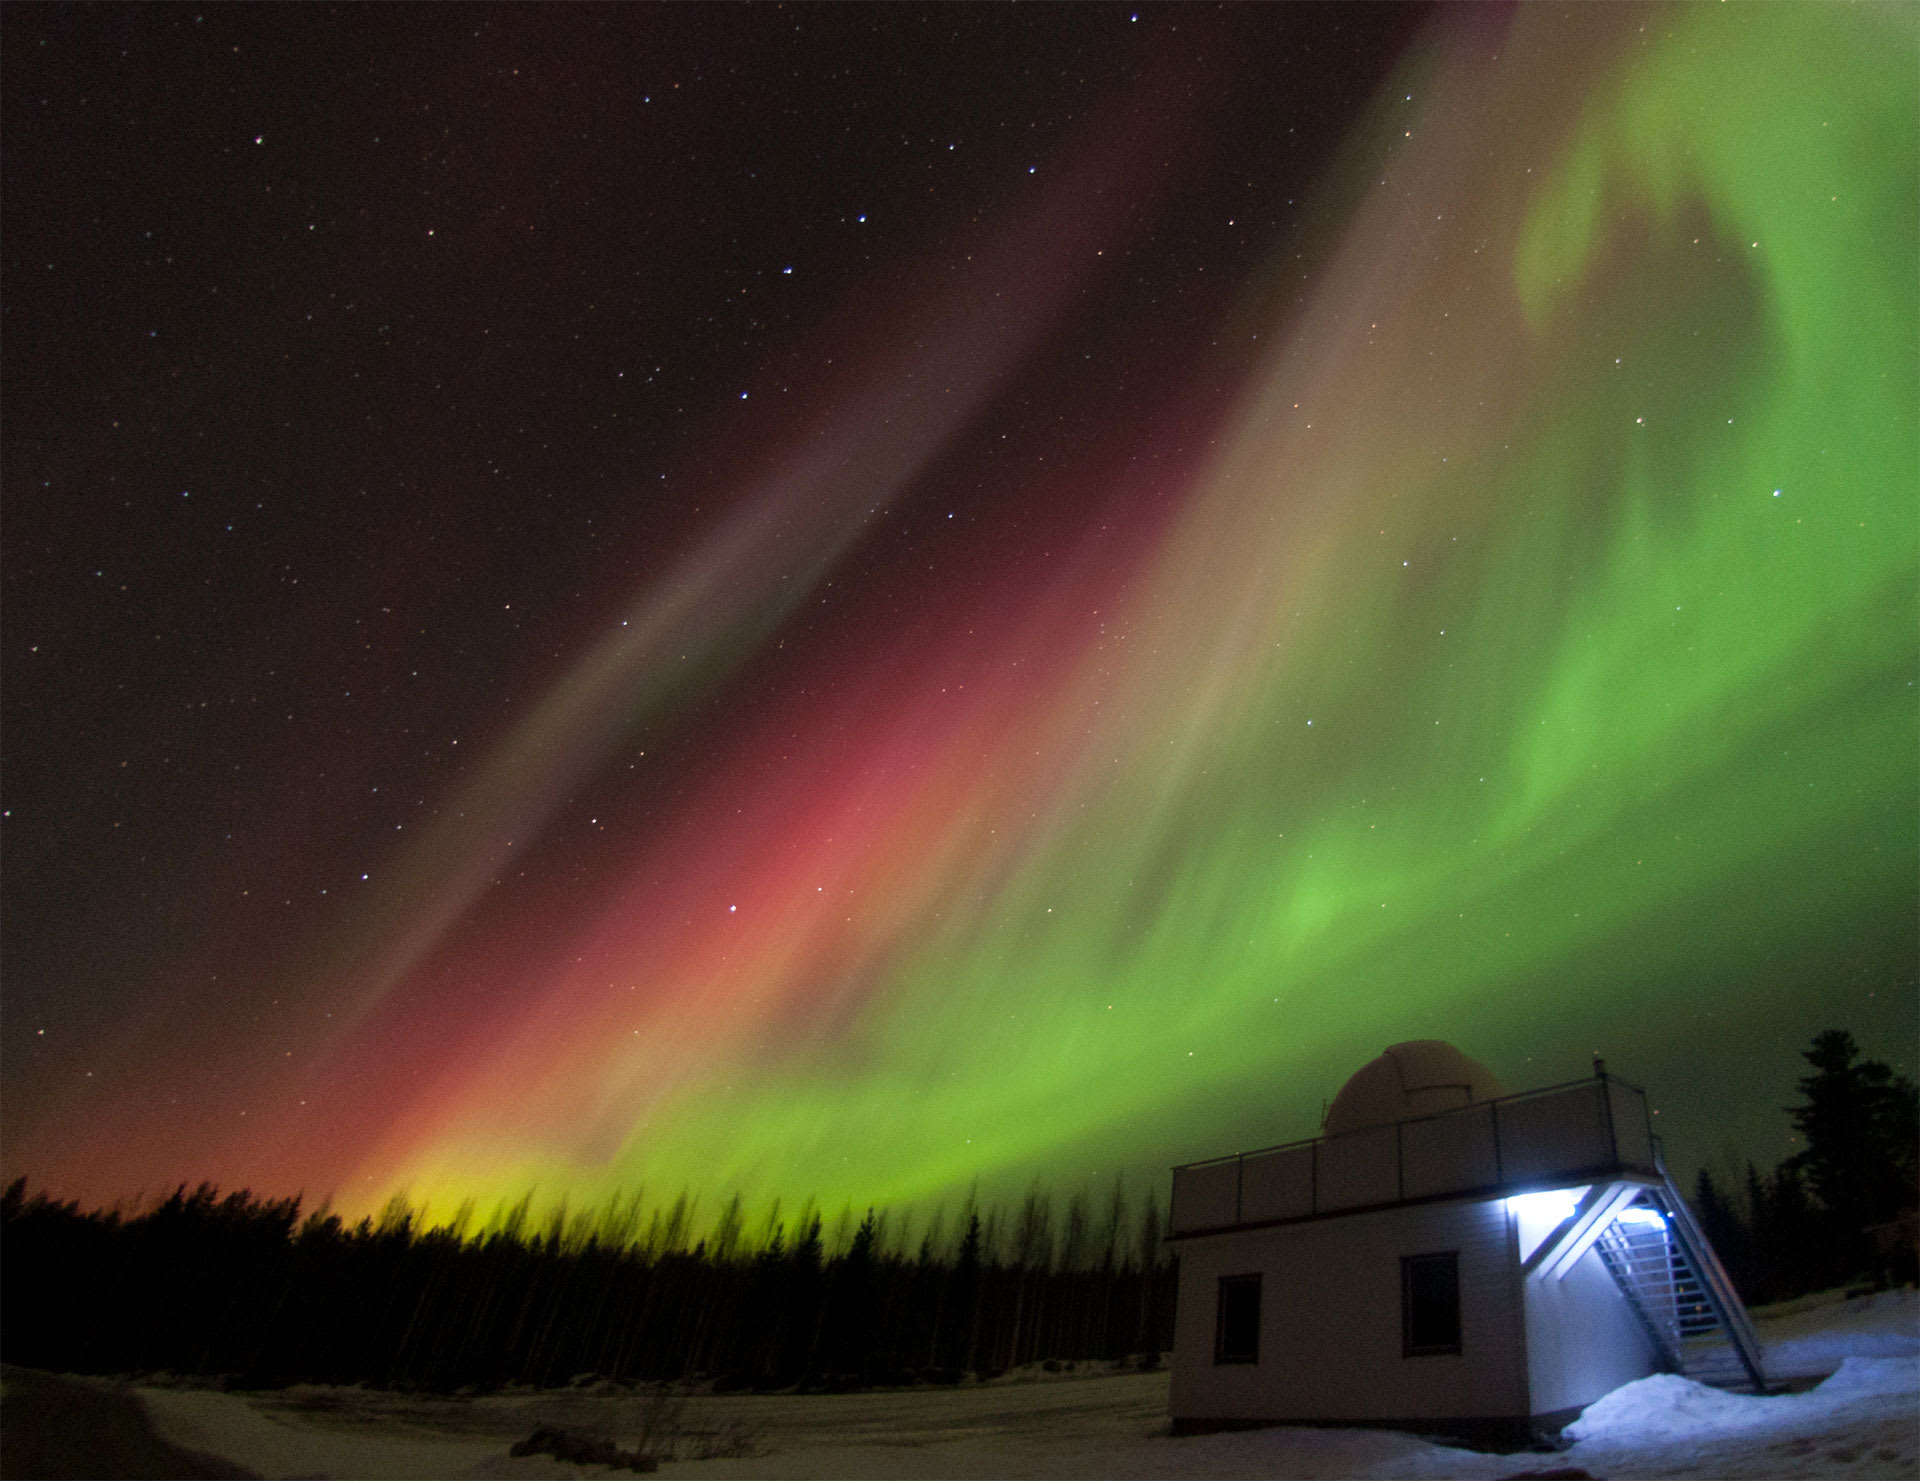 يدعي العديد من الأشخاص سماع أصوات ناتجة من الشفق القطبي.. ما حقيقة تلك الأصوات؟